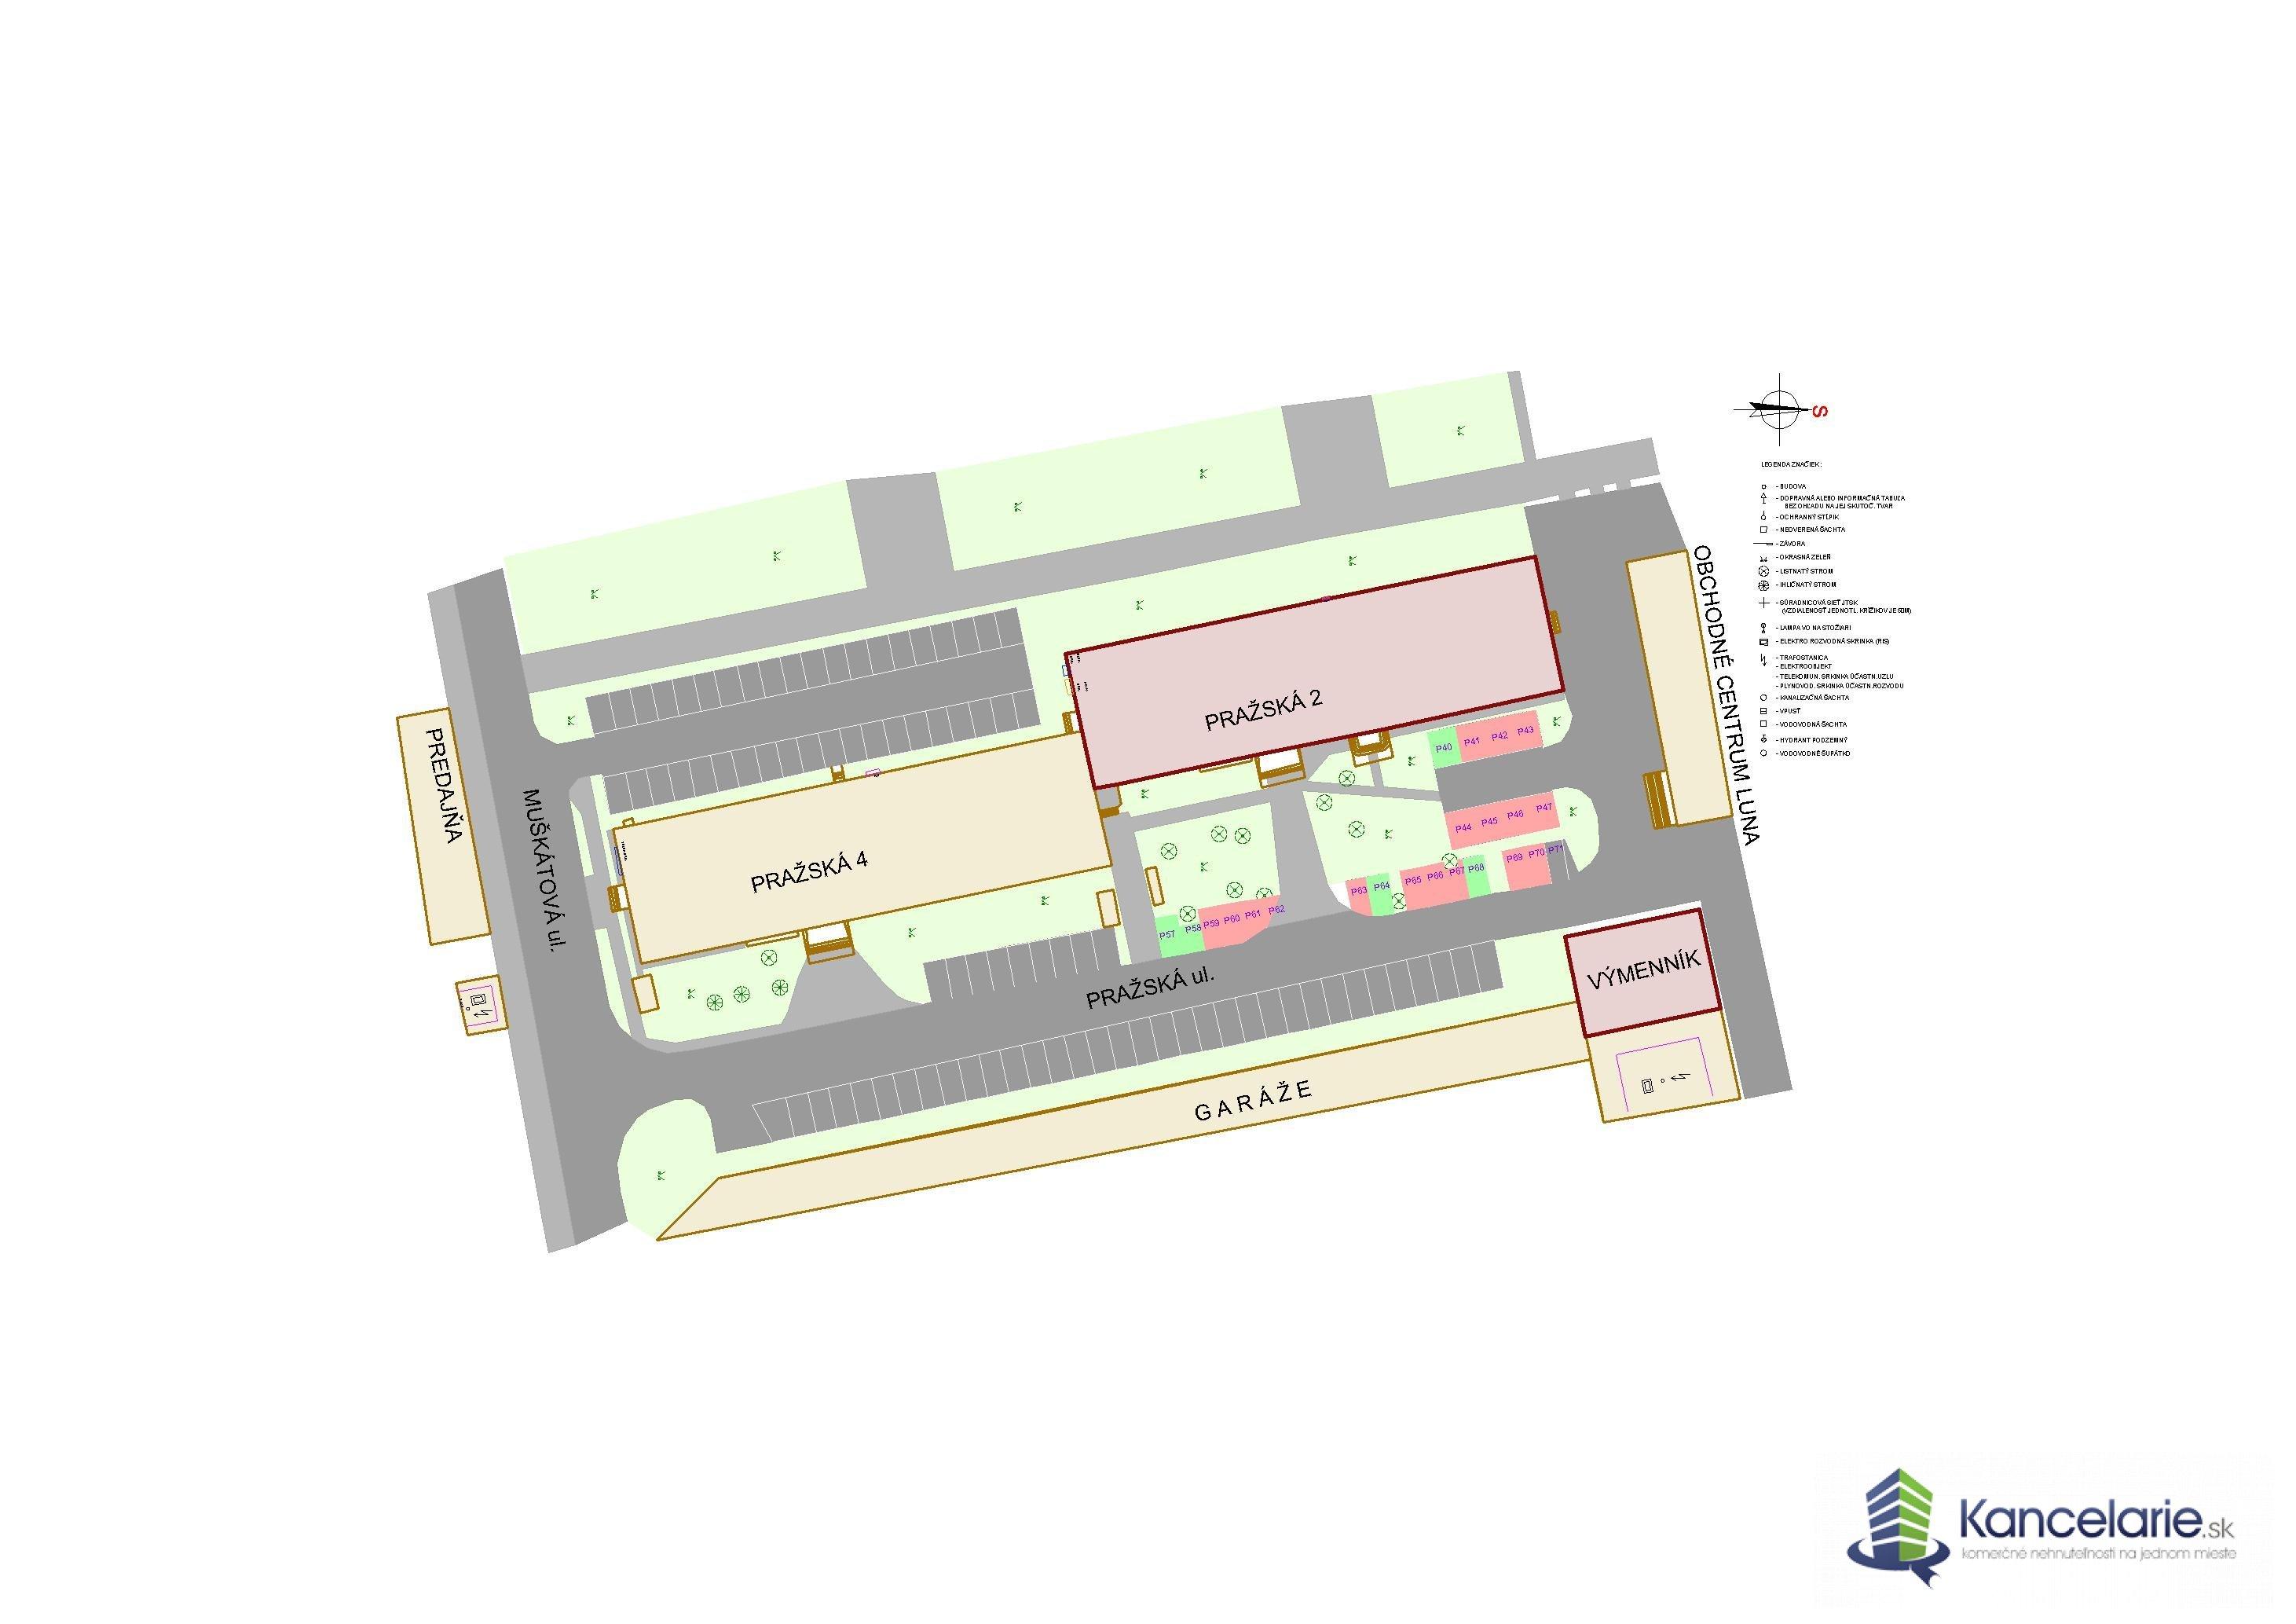 PODNIKATEĽSKÉ CENTRUM, Kancelárske priestory, Pražská 2, Košice